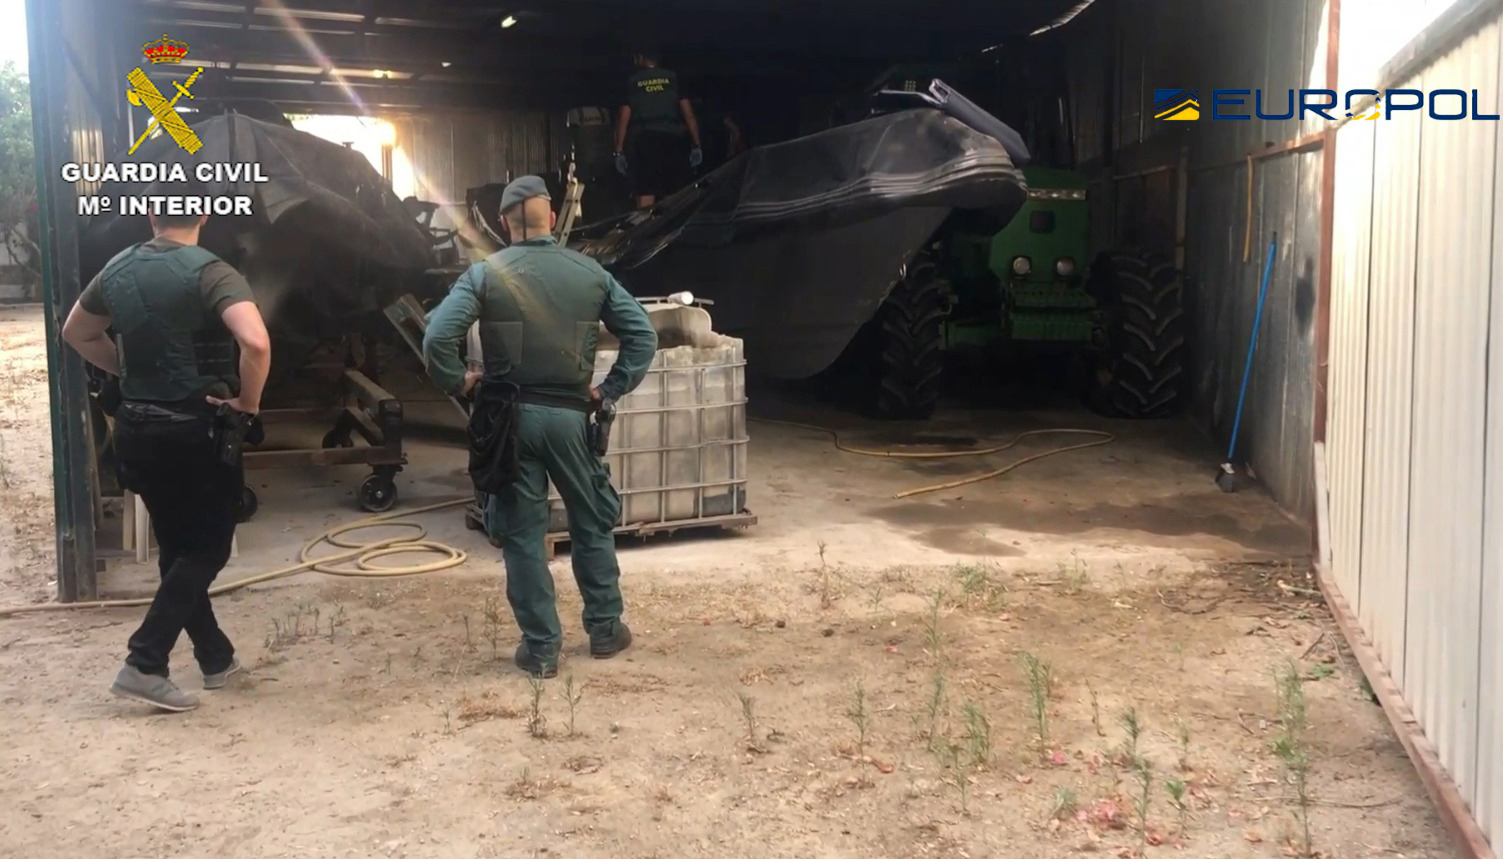 Han participado 250 efectivos de las Guardia Civil